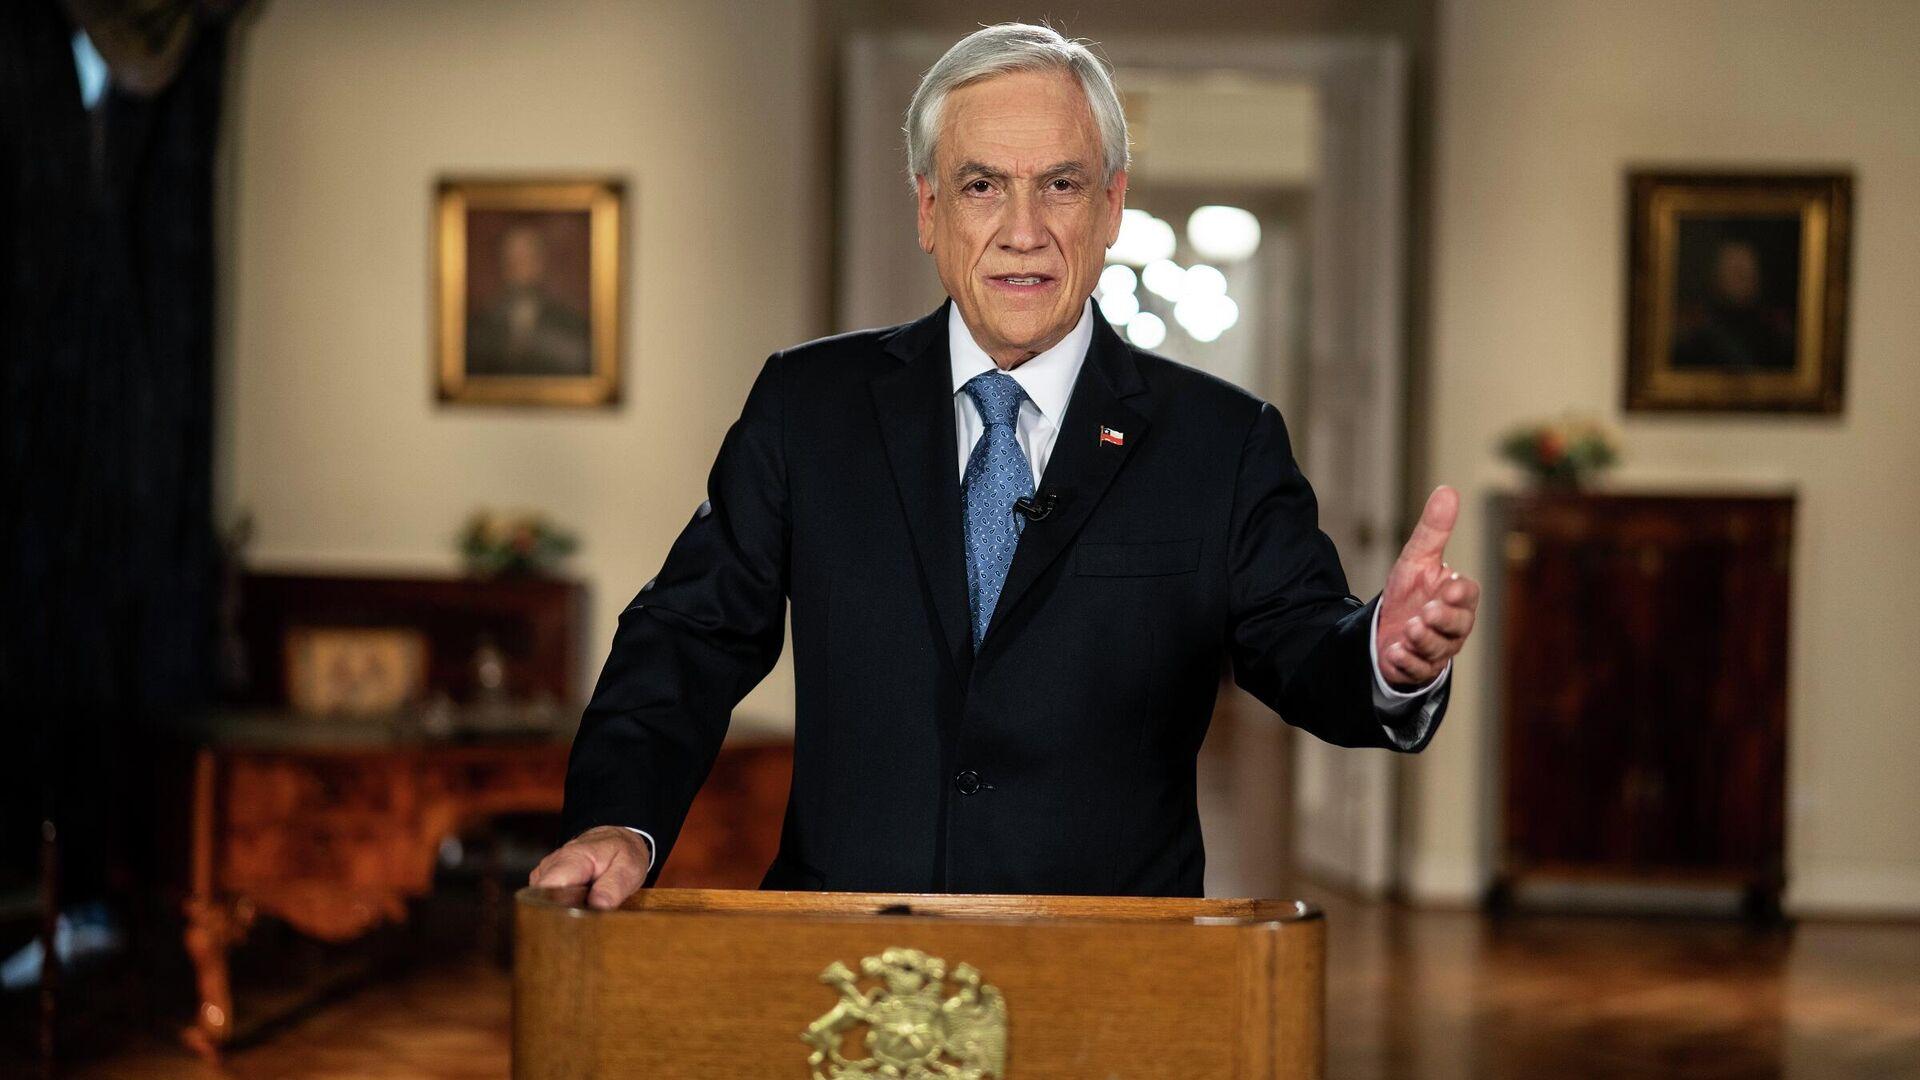 El presidente chileno, Sebastián Piñera, anuncia la mejora de sistema de pensiones en cadena nacional - Sputnik Mundo, 1920, 27.04.2021